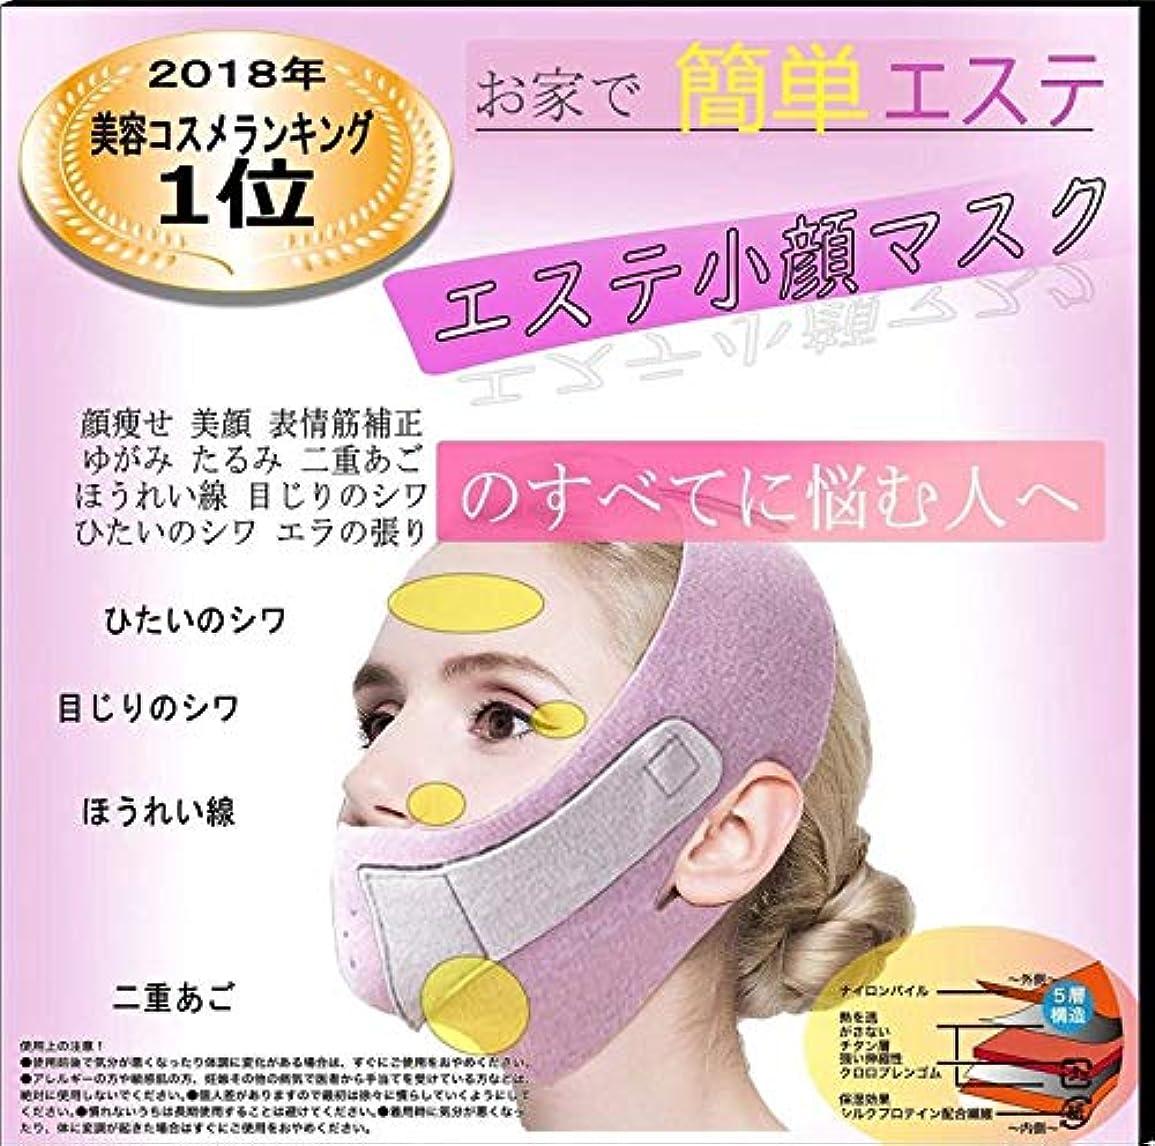 独立した書道チームフェイスラインベルト 引き上げマスク 弾力V-ラインマスク 引っ張る 額、顎下、頬リフトアップ 小顔 美顔 矯正 顔痩せ 最新型 小顔マスク 豊齢線予防 頬のたるみ 抗シワ 美顔 Lサイズ ピンク